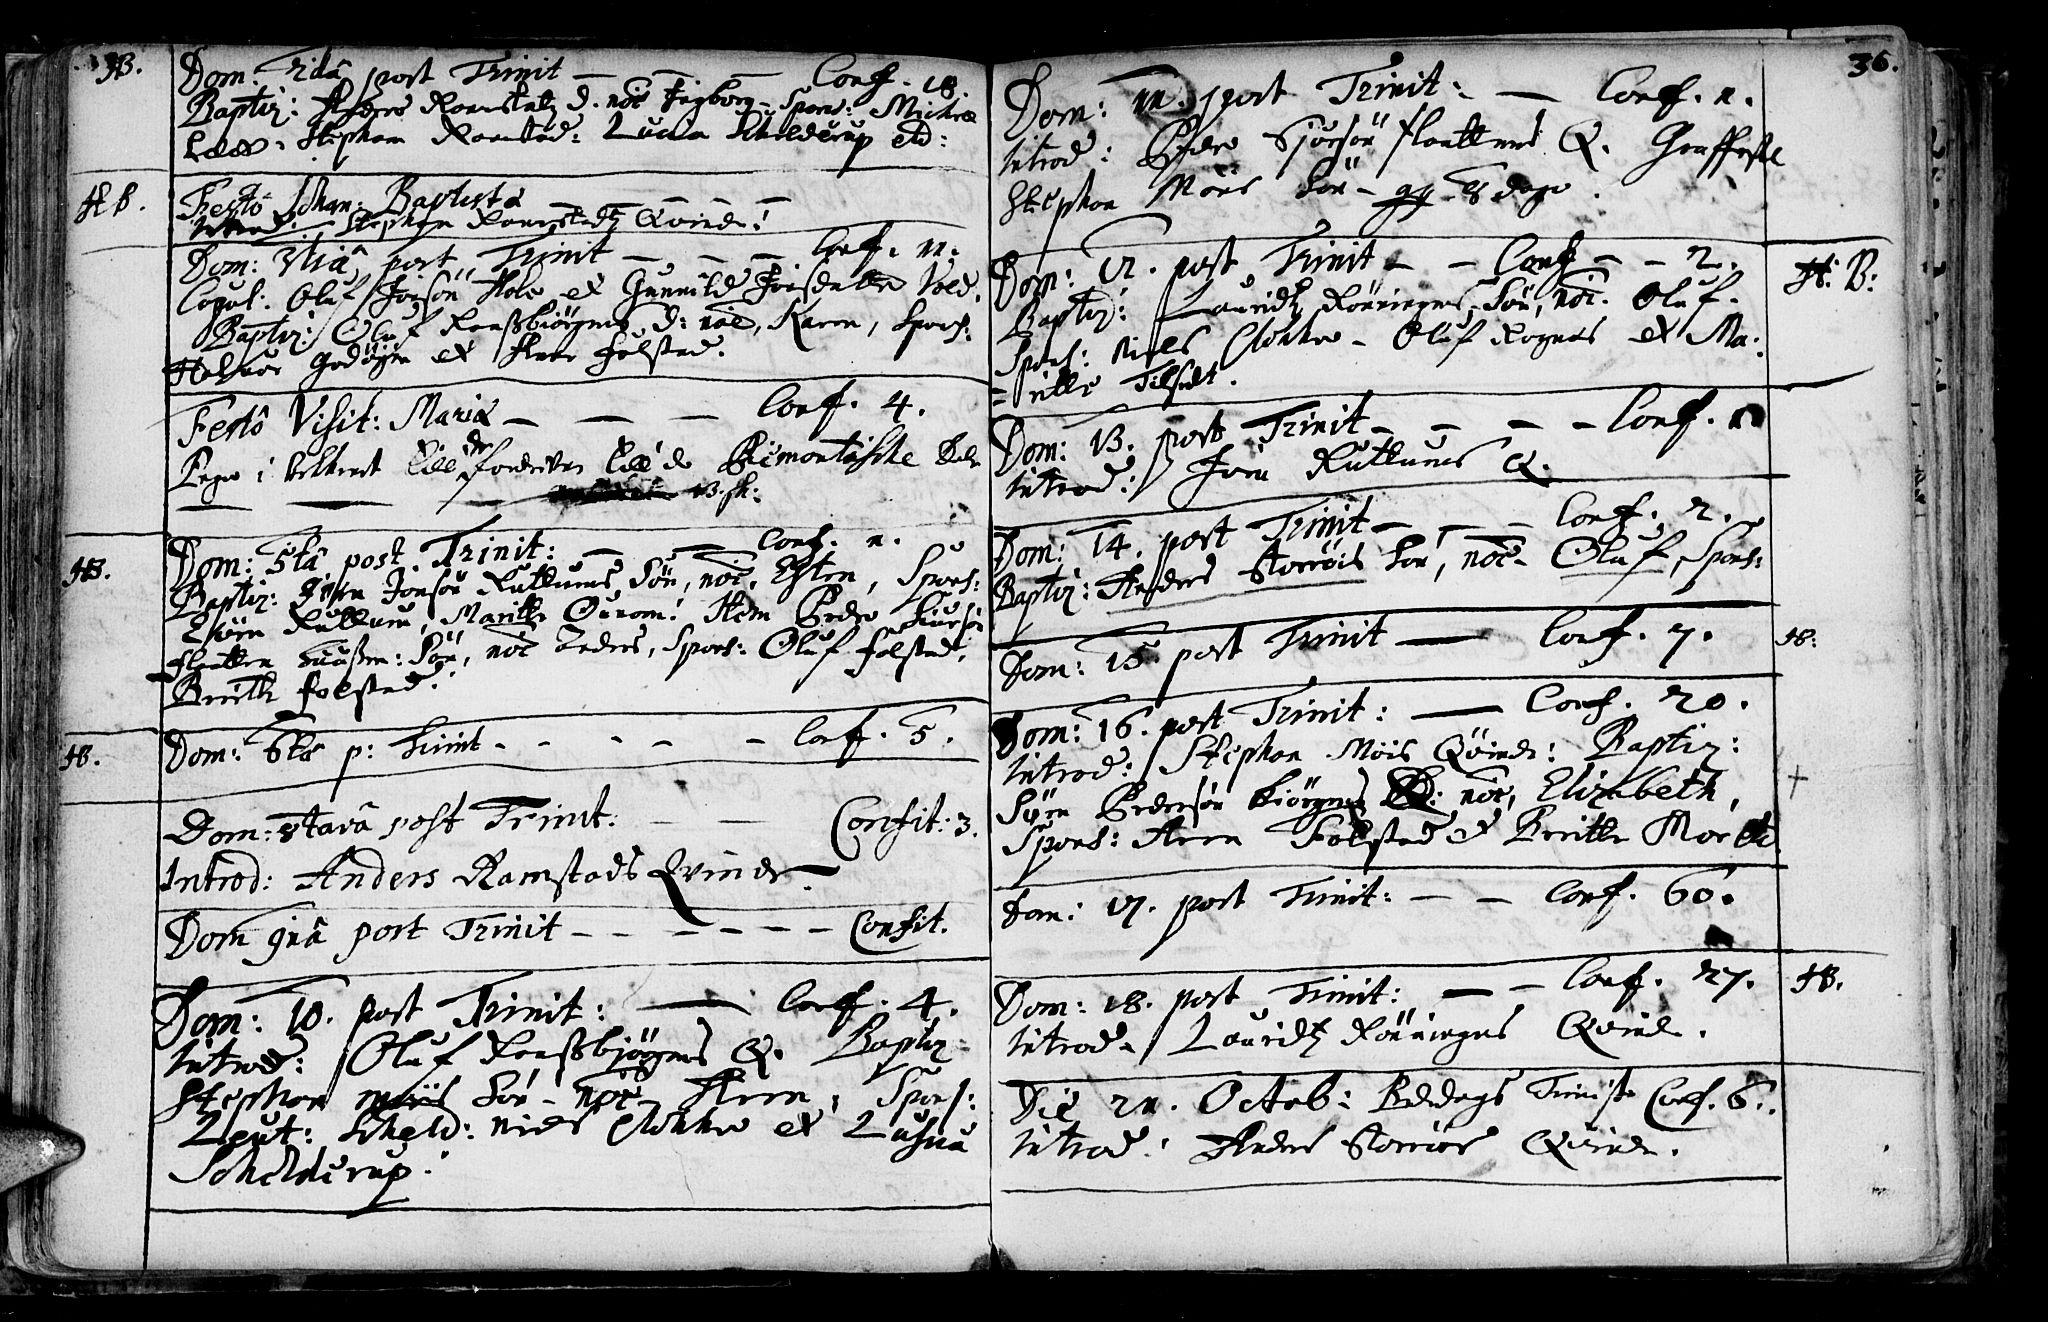 SAT, Ministerialprotokoller, klokkerbøker og fødselsregistre - Sør-Trøndelag, 687/L0990: Ministerialbok nr. 687A01, 1690-1746, s. 36